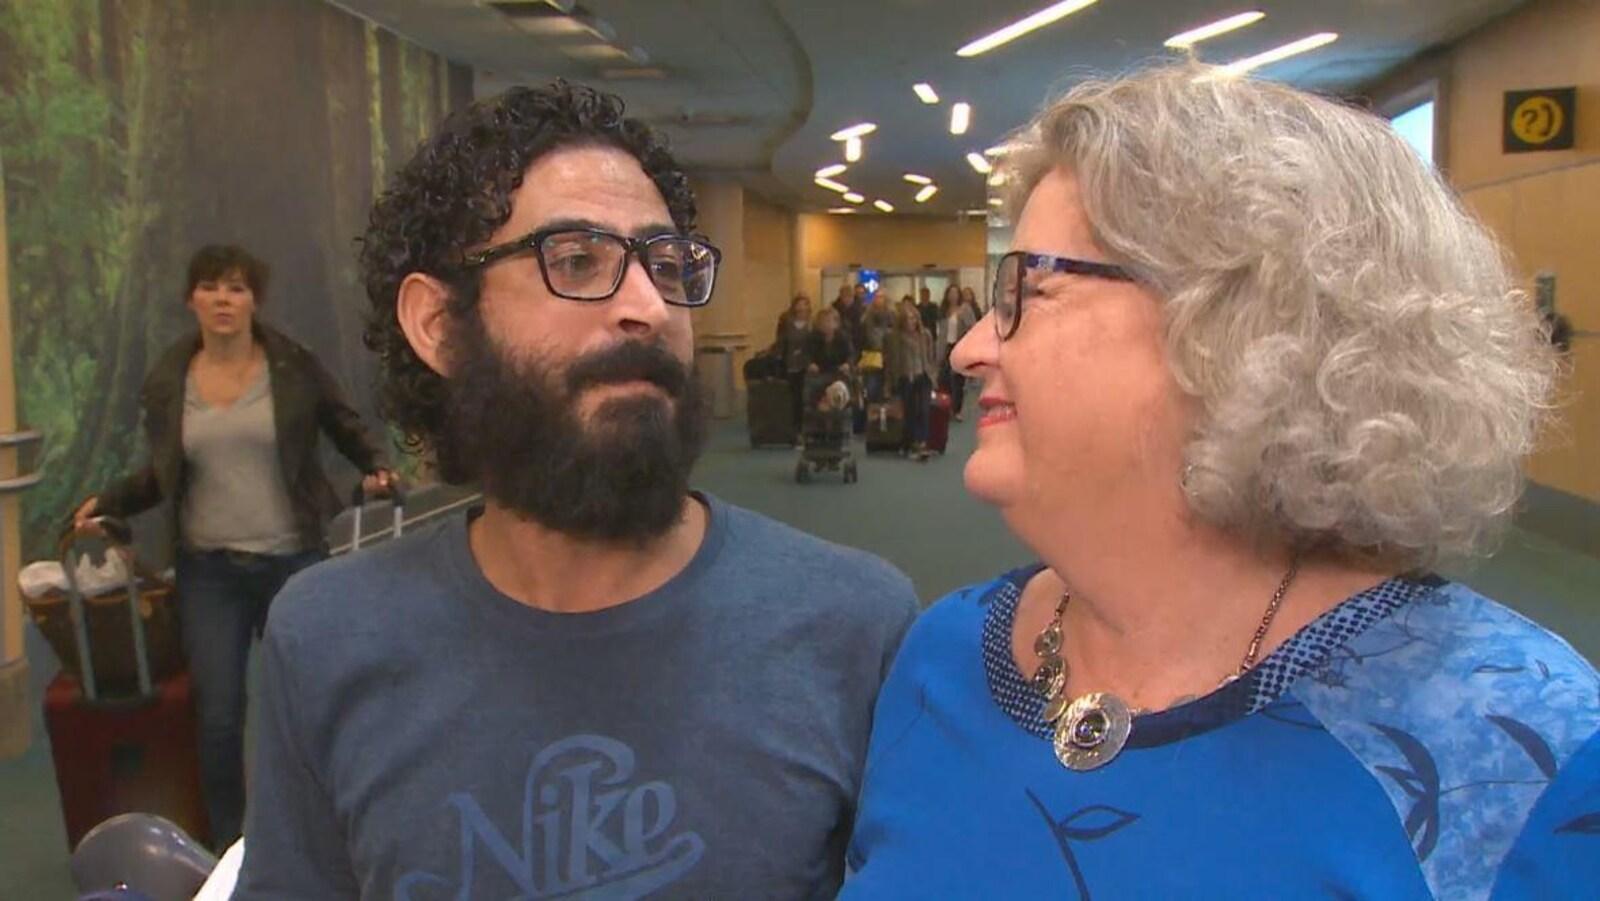 Un homme avec des cheveux frisés noirs, une moustache et une barbe touffue et des lunettes à monture noire regarde avec amour une femme âgée blonde qui le regarde avec un sourire béat.